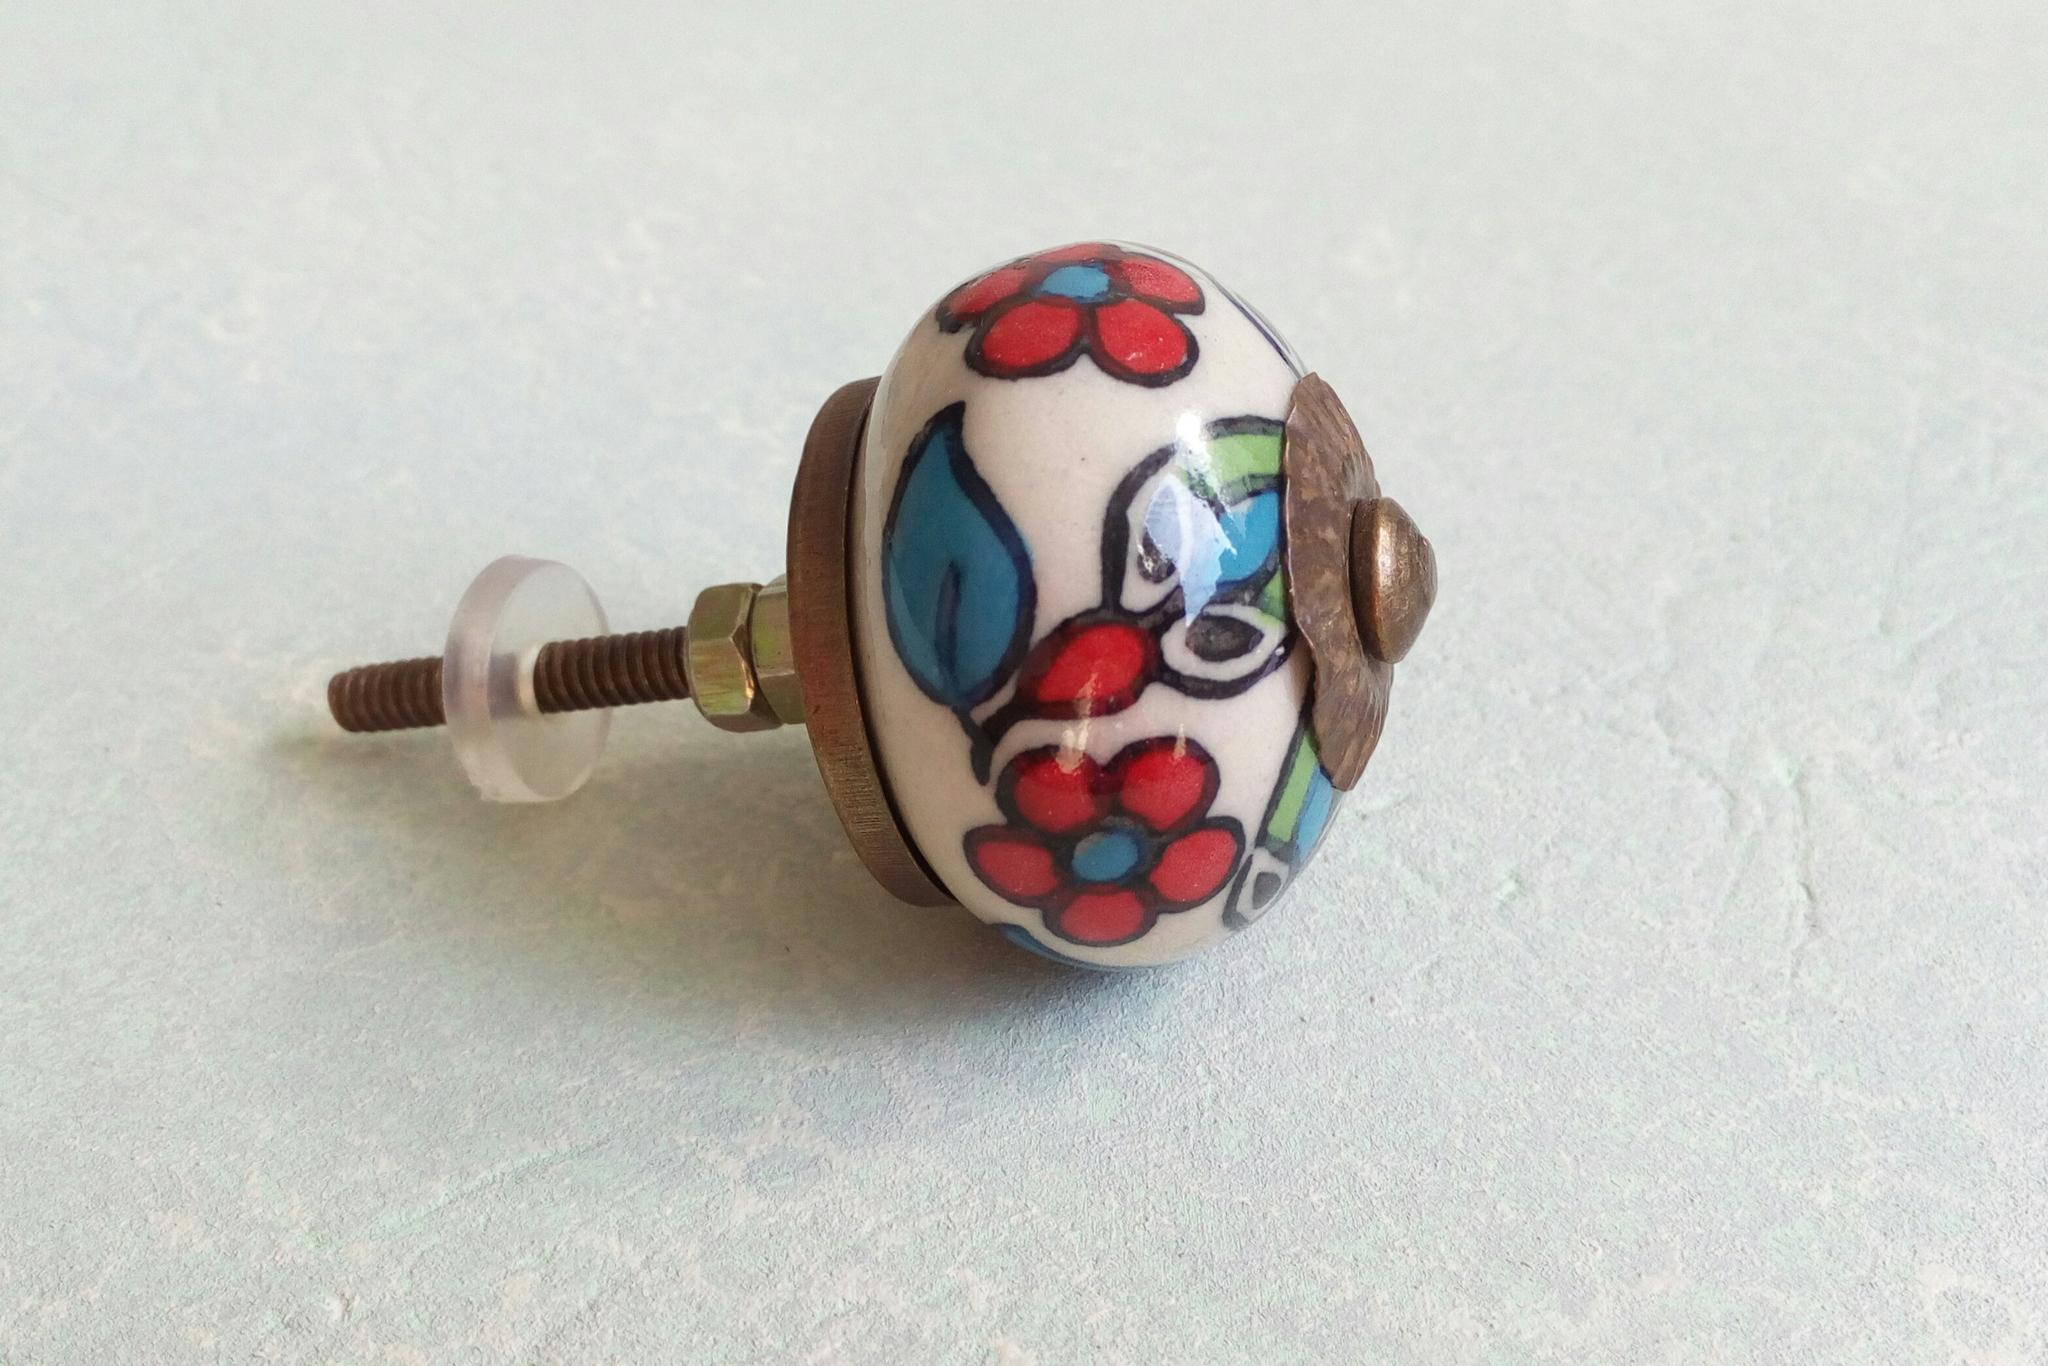 Ручка мебельная керамическая  расписная √36